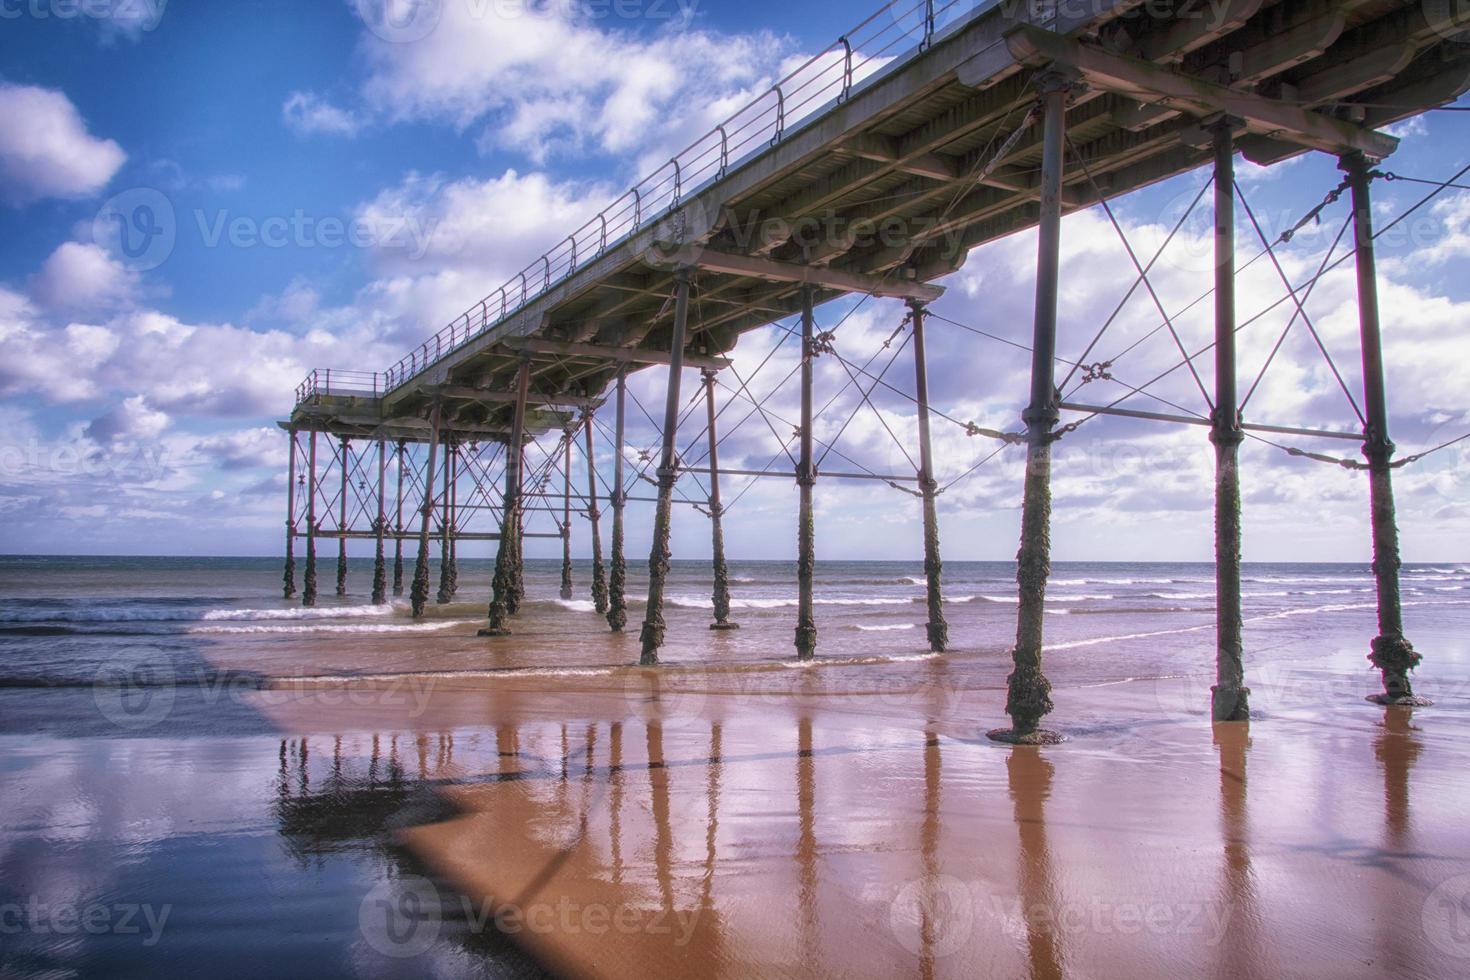 Saltburn pier Cleveland England uk photo